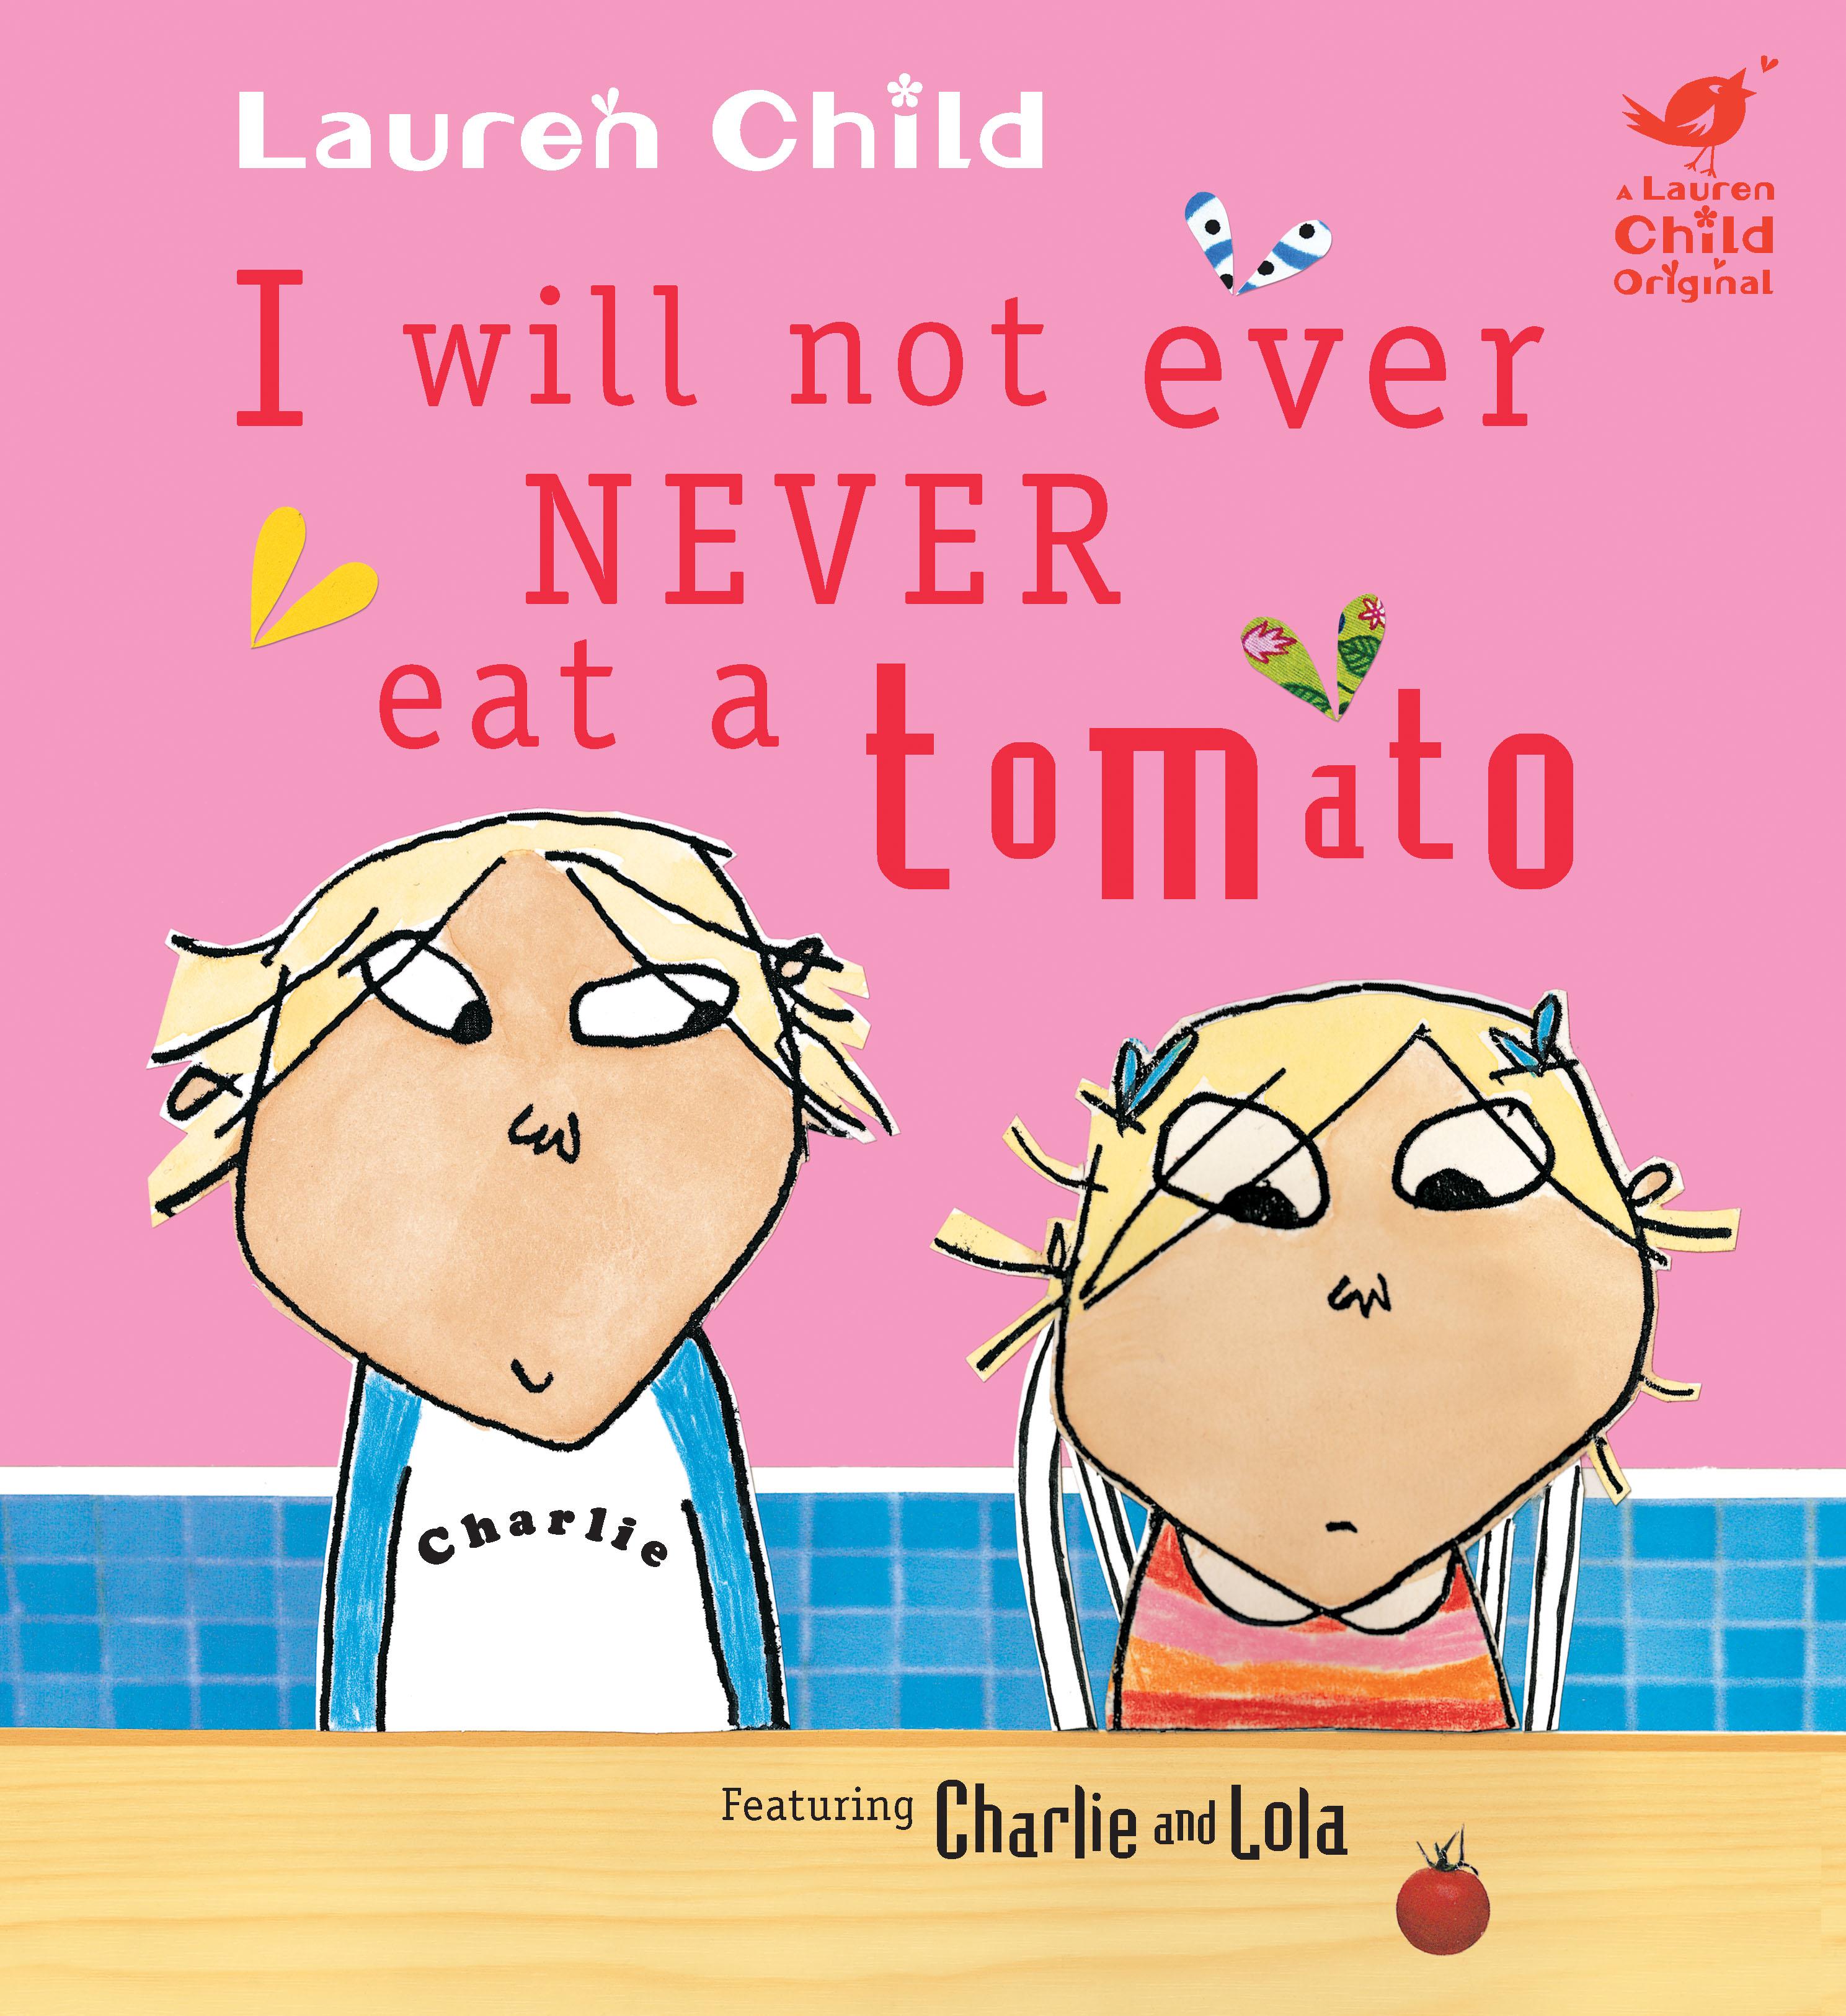 libro di Lauren Child creatrice di Charlie and Lola